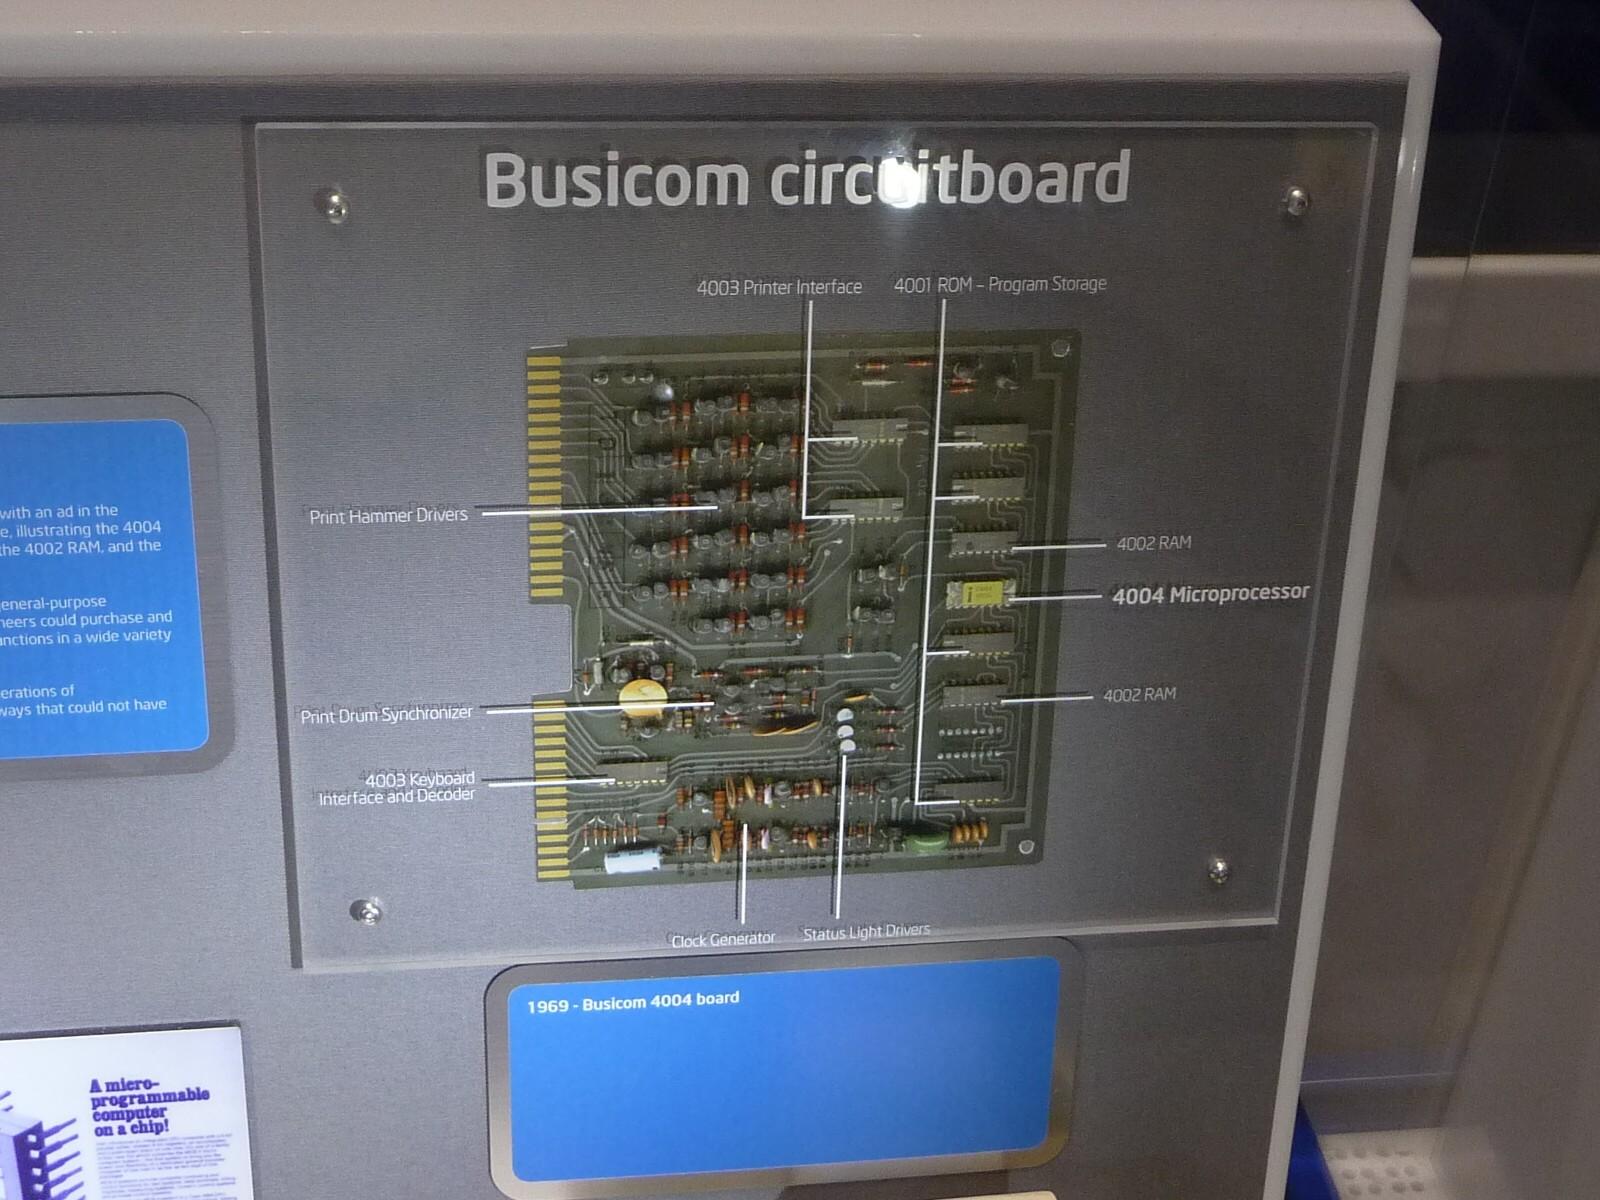 プリンタ付き電子式卓上計算器「141-PF」のメインボード。プロセッサである「4004」を含めた4種類の半導体チップを開発した。プロセッサである「4004」のほかに、ROMの「4001」、RAMの「4002」、インタフェース(シフトレジスタ)の「4003」でチップセット「MCS-4 (Microcomputer Set 4)」(注:Intelは同じチップセットを「4004ファミリ」、あるいは「4000ファミリ」と呼ぶことがある)を構成している